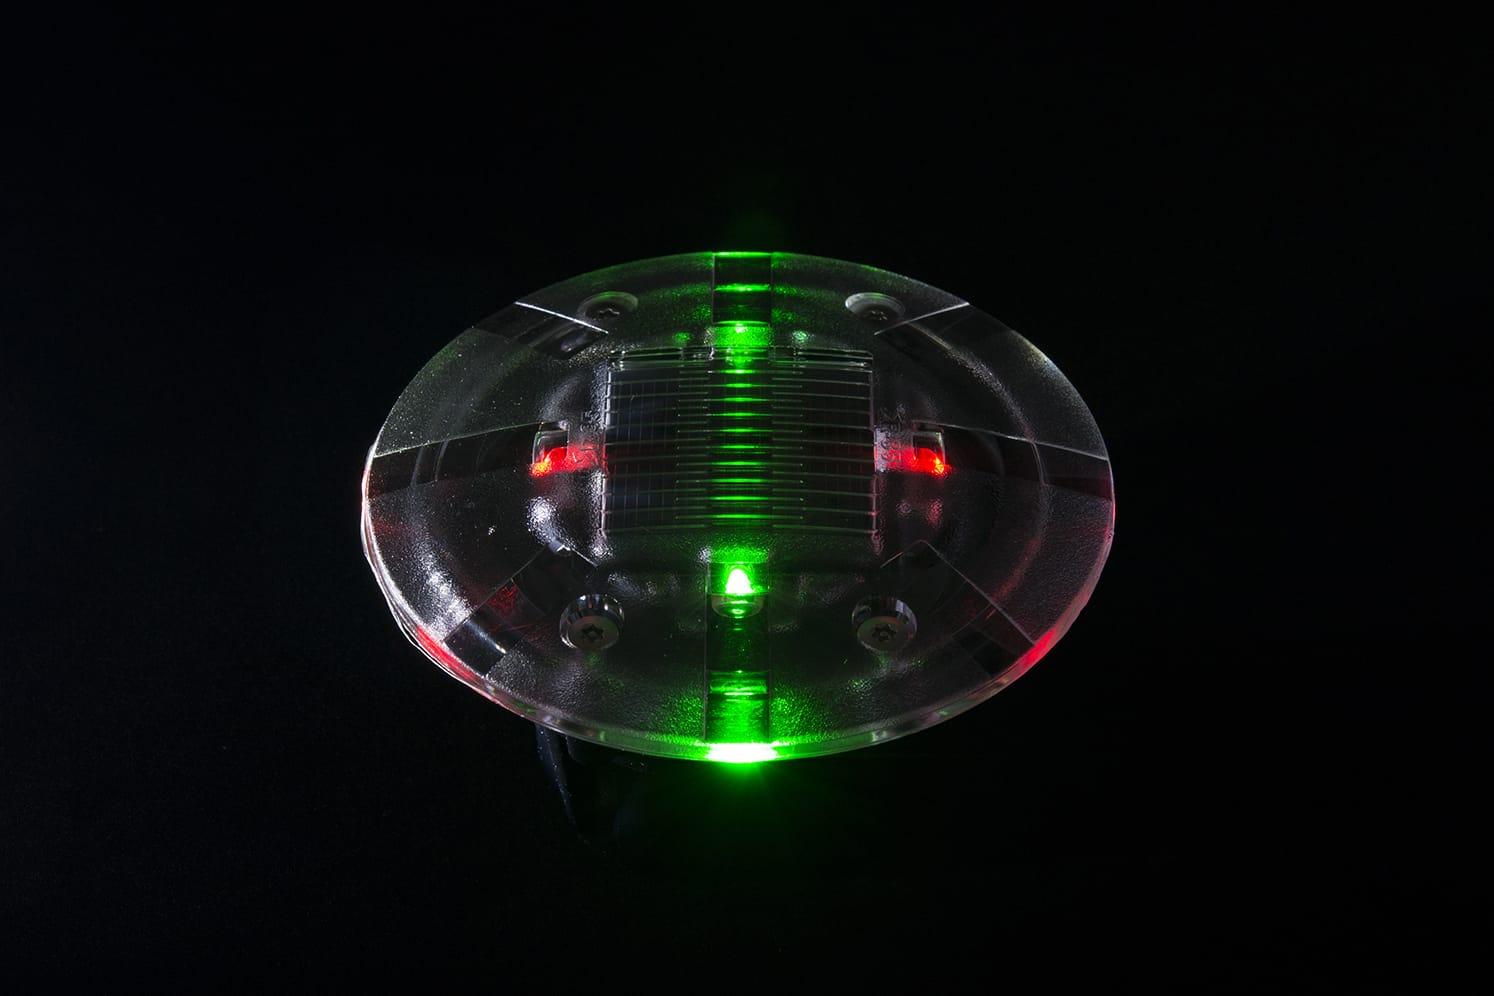 Plot LED solaire pietons velos ECO-35 vert/rouge